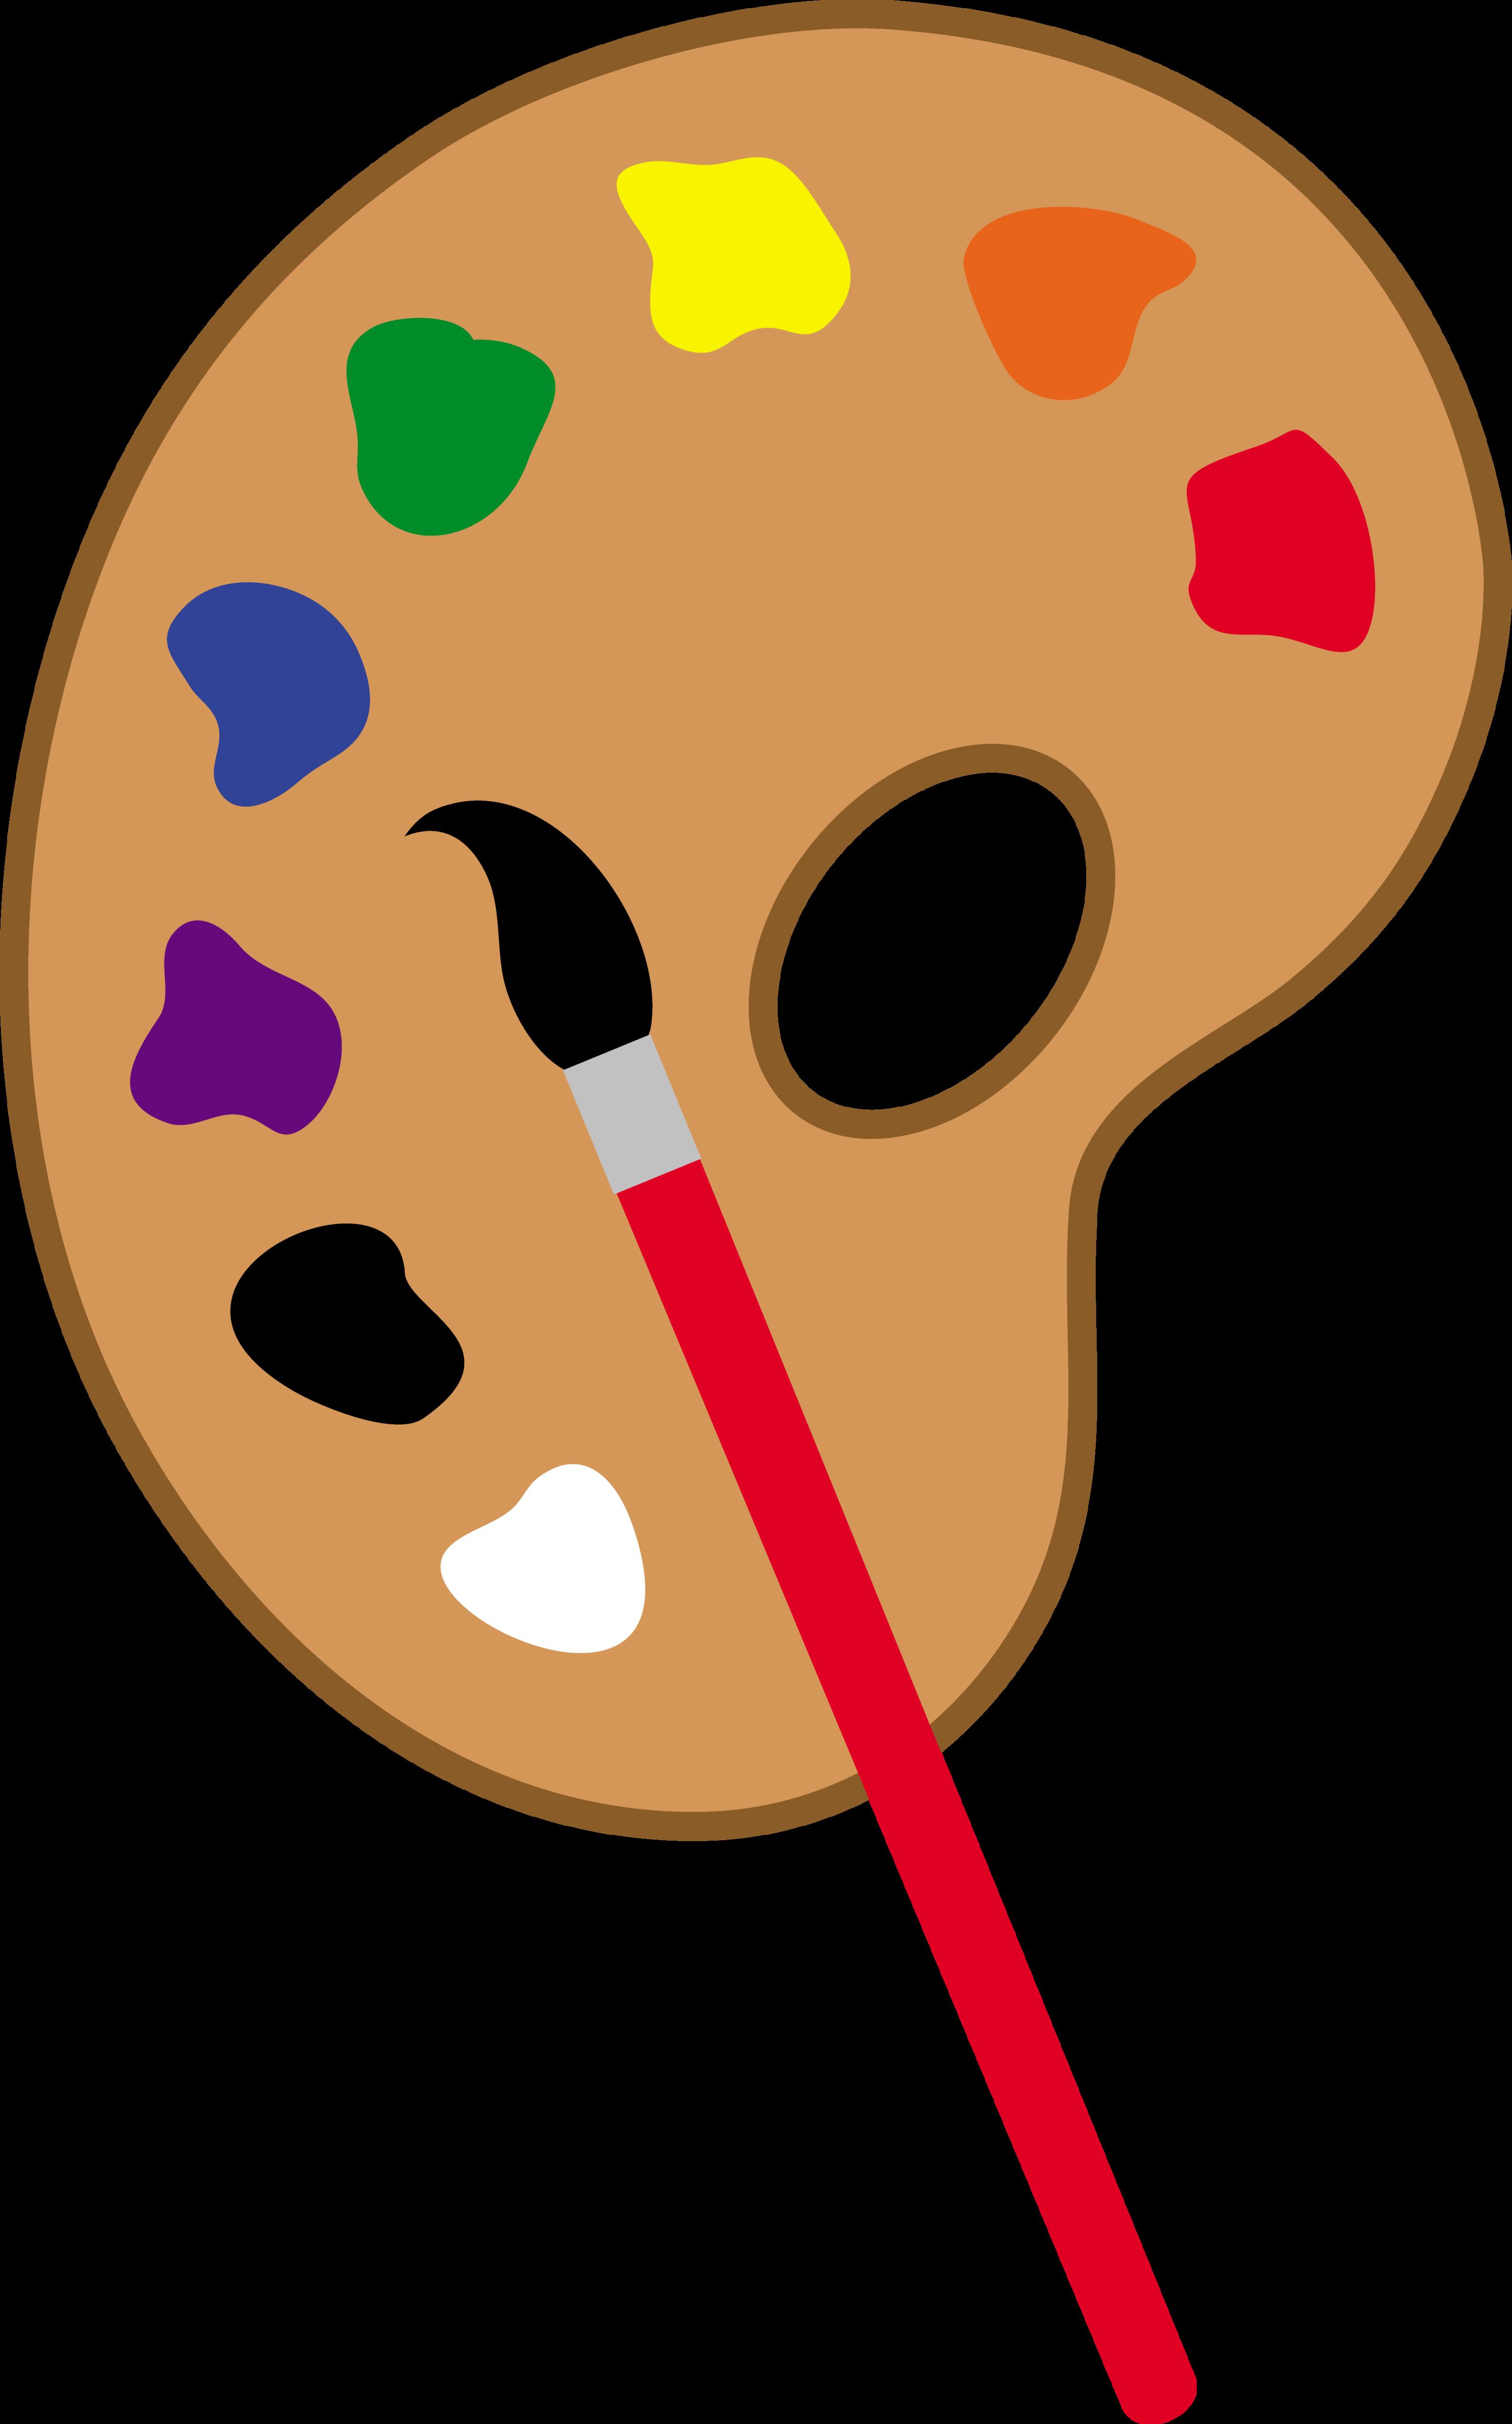 Paintbrush clipart paint holder. Art pallet pencil and